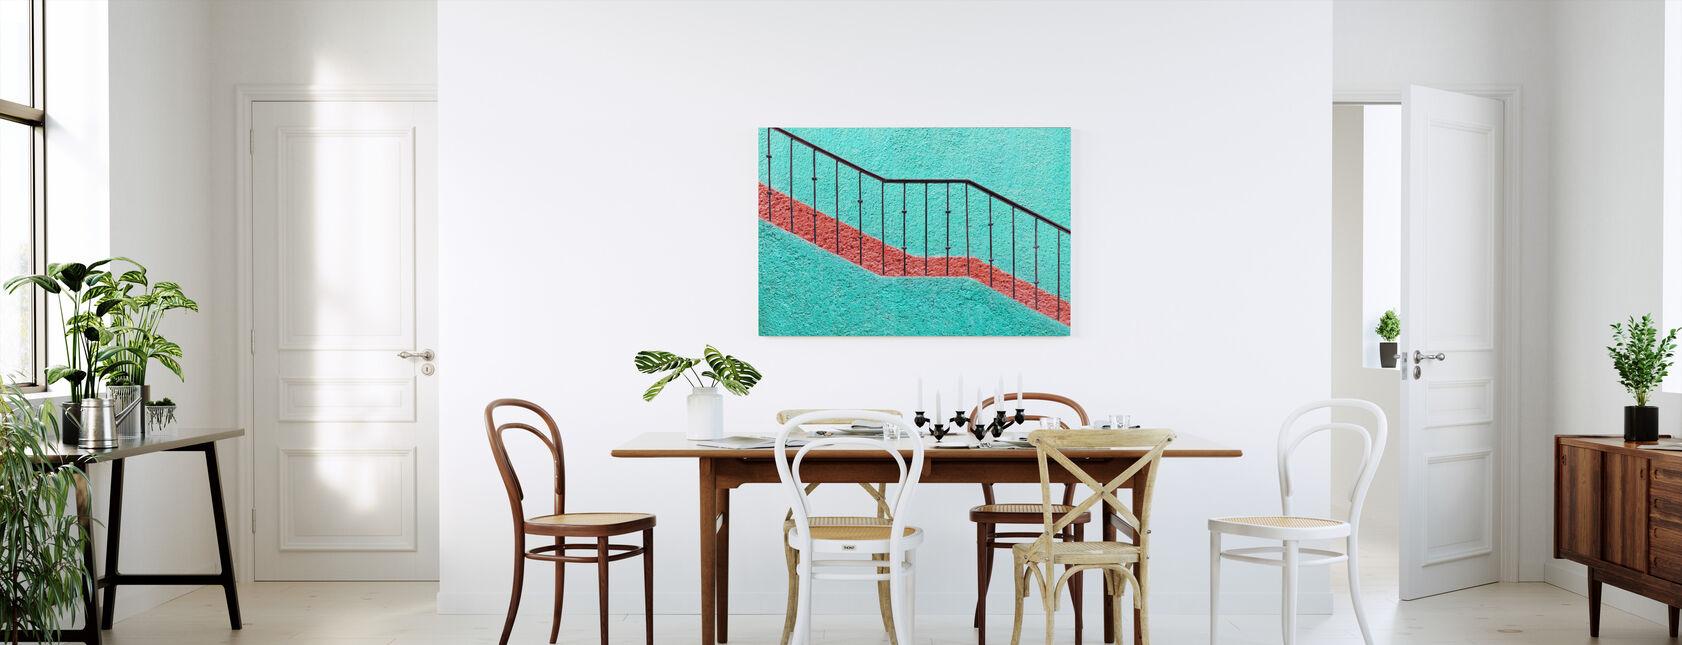 Stairs - Canvas print - Kitchen